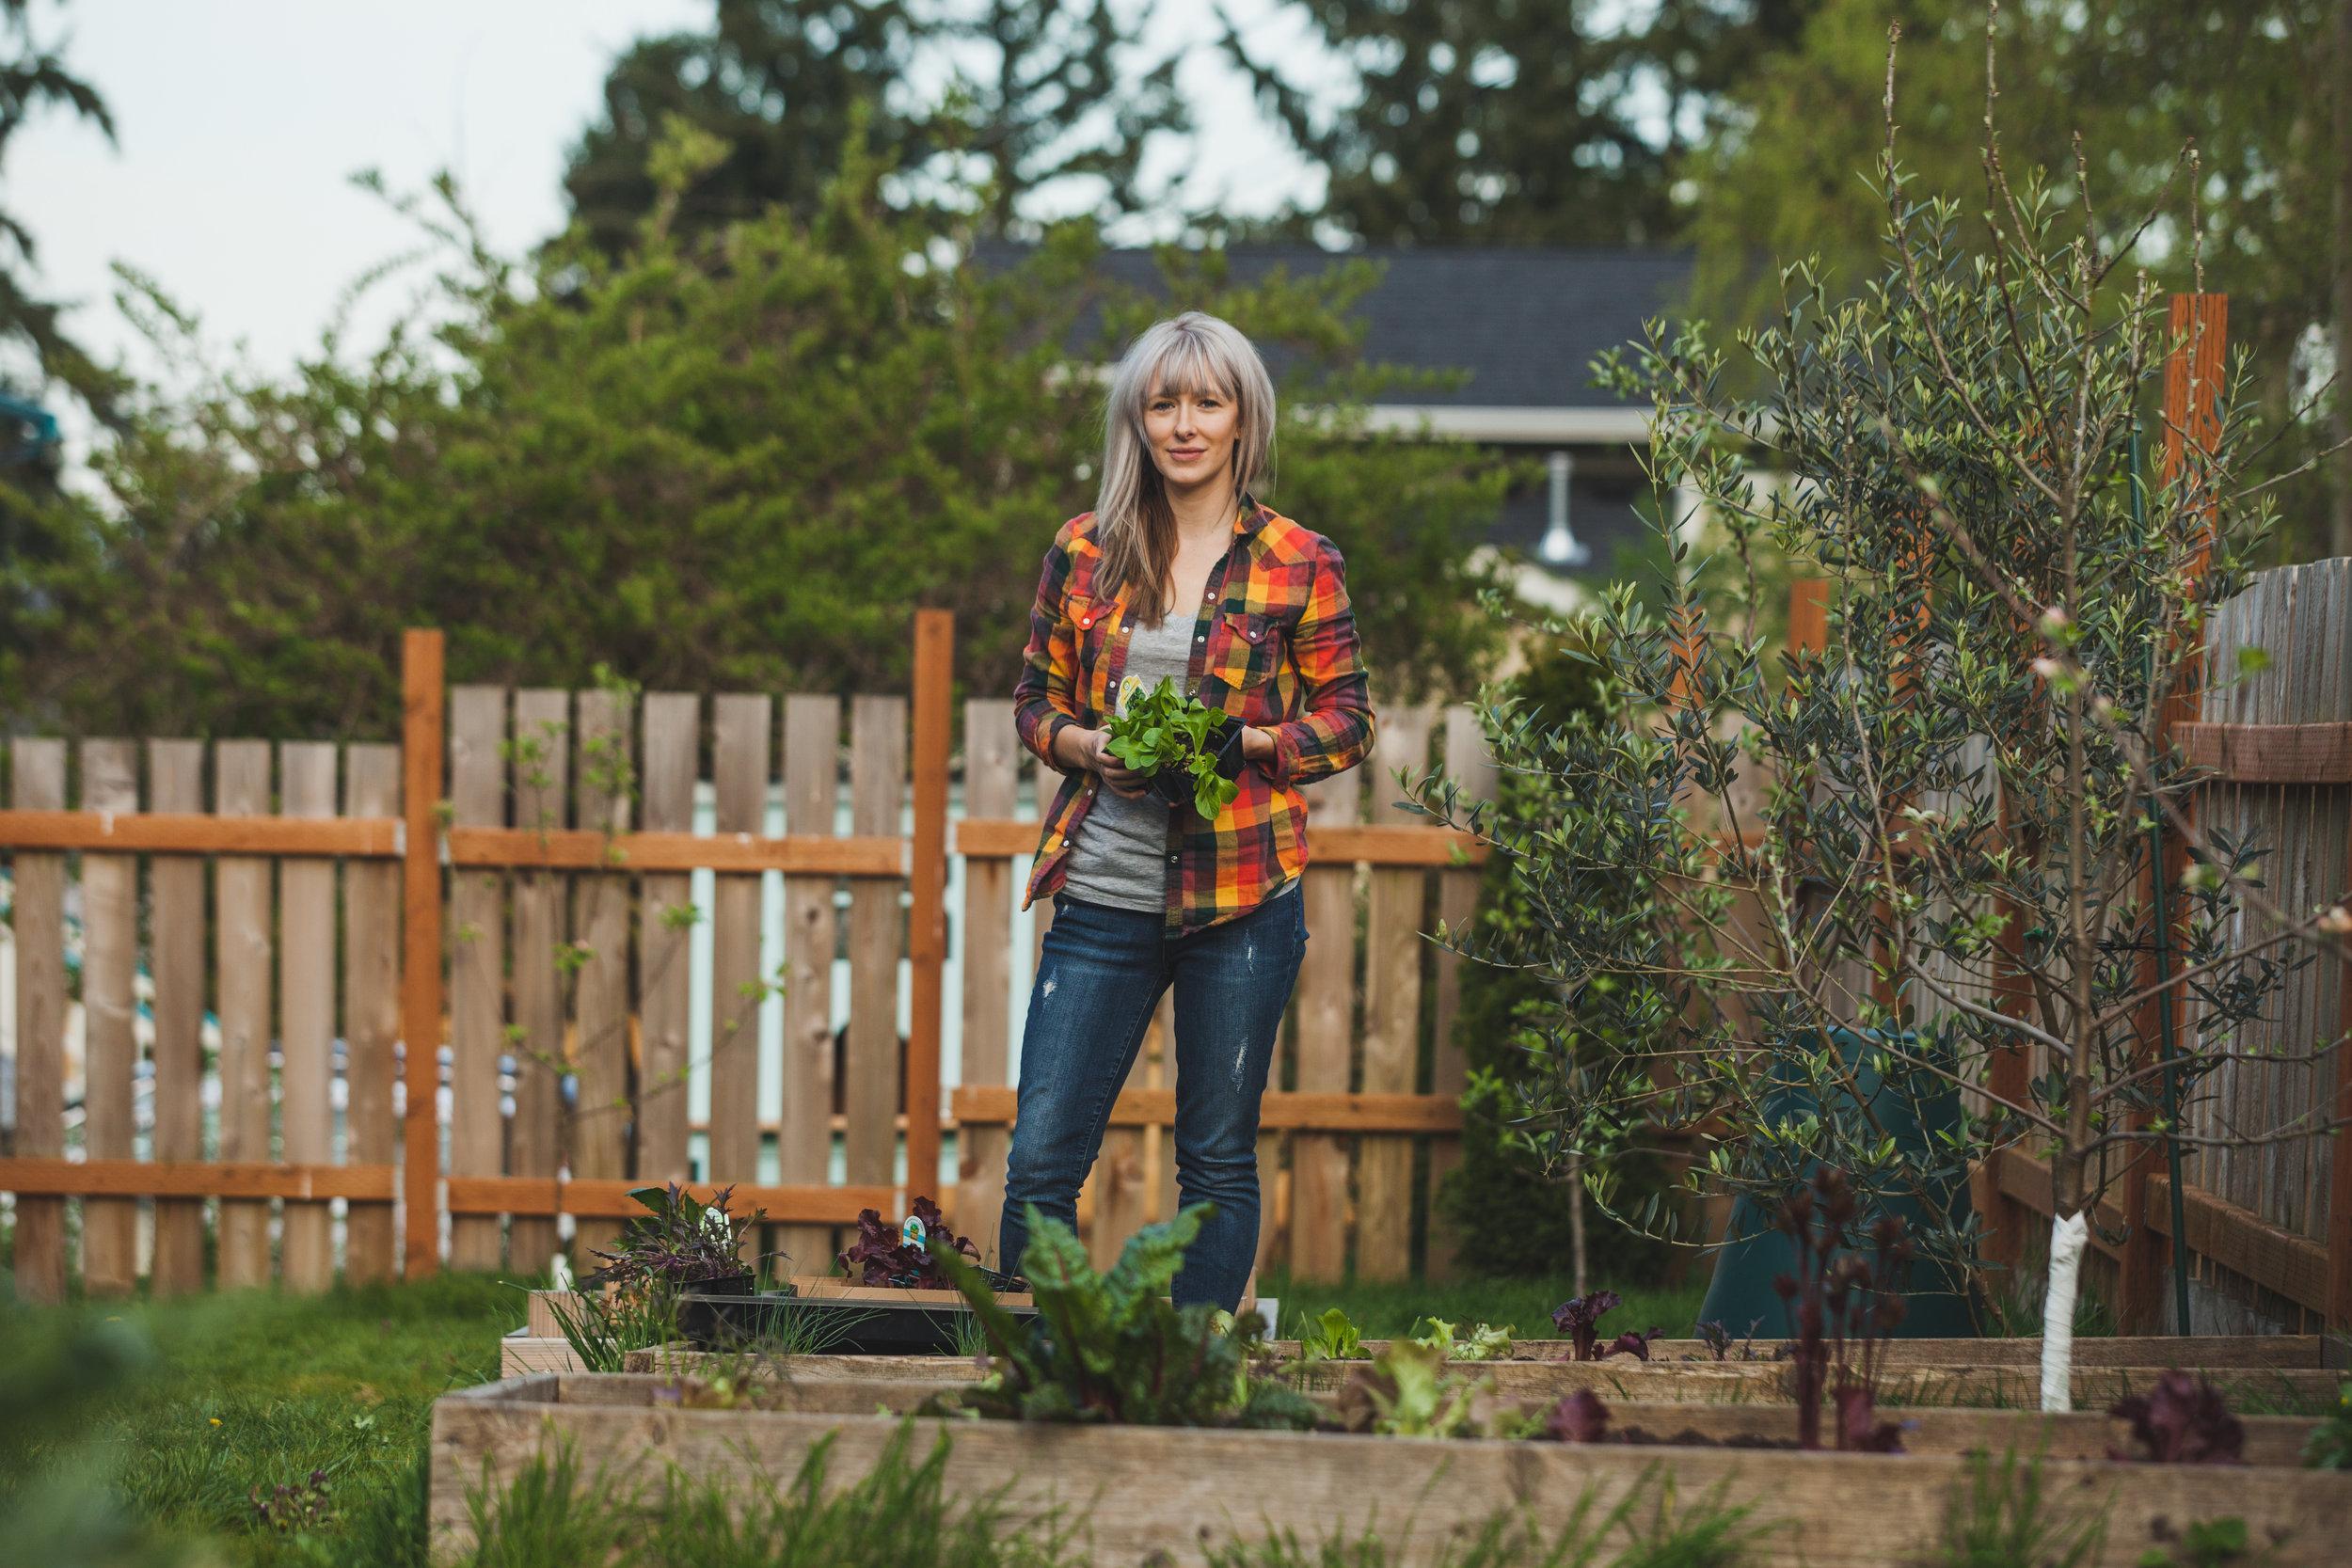 Sarah in her garden!